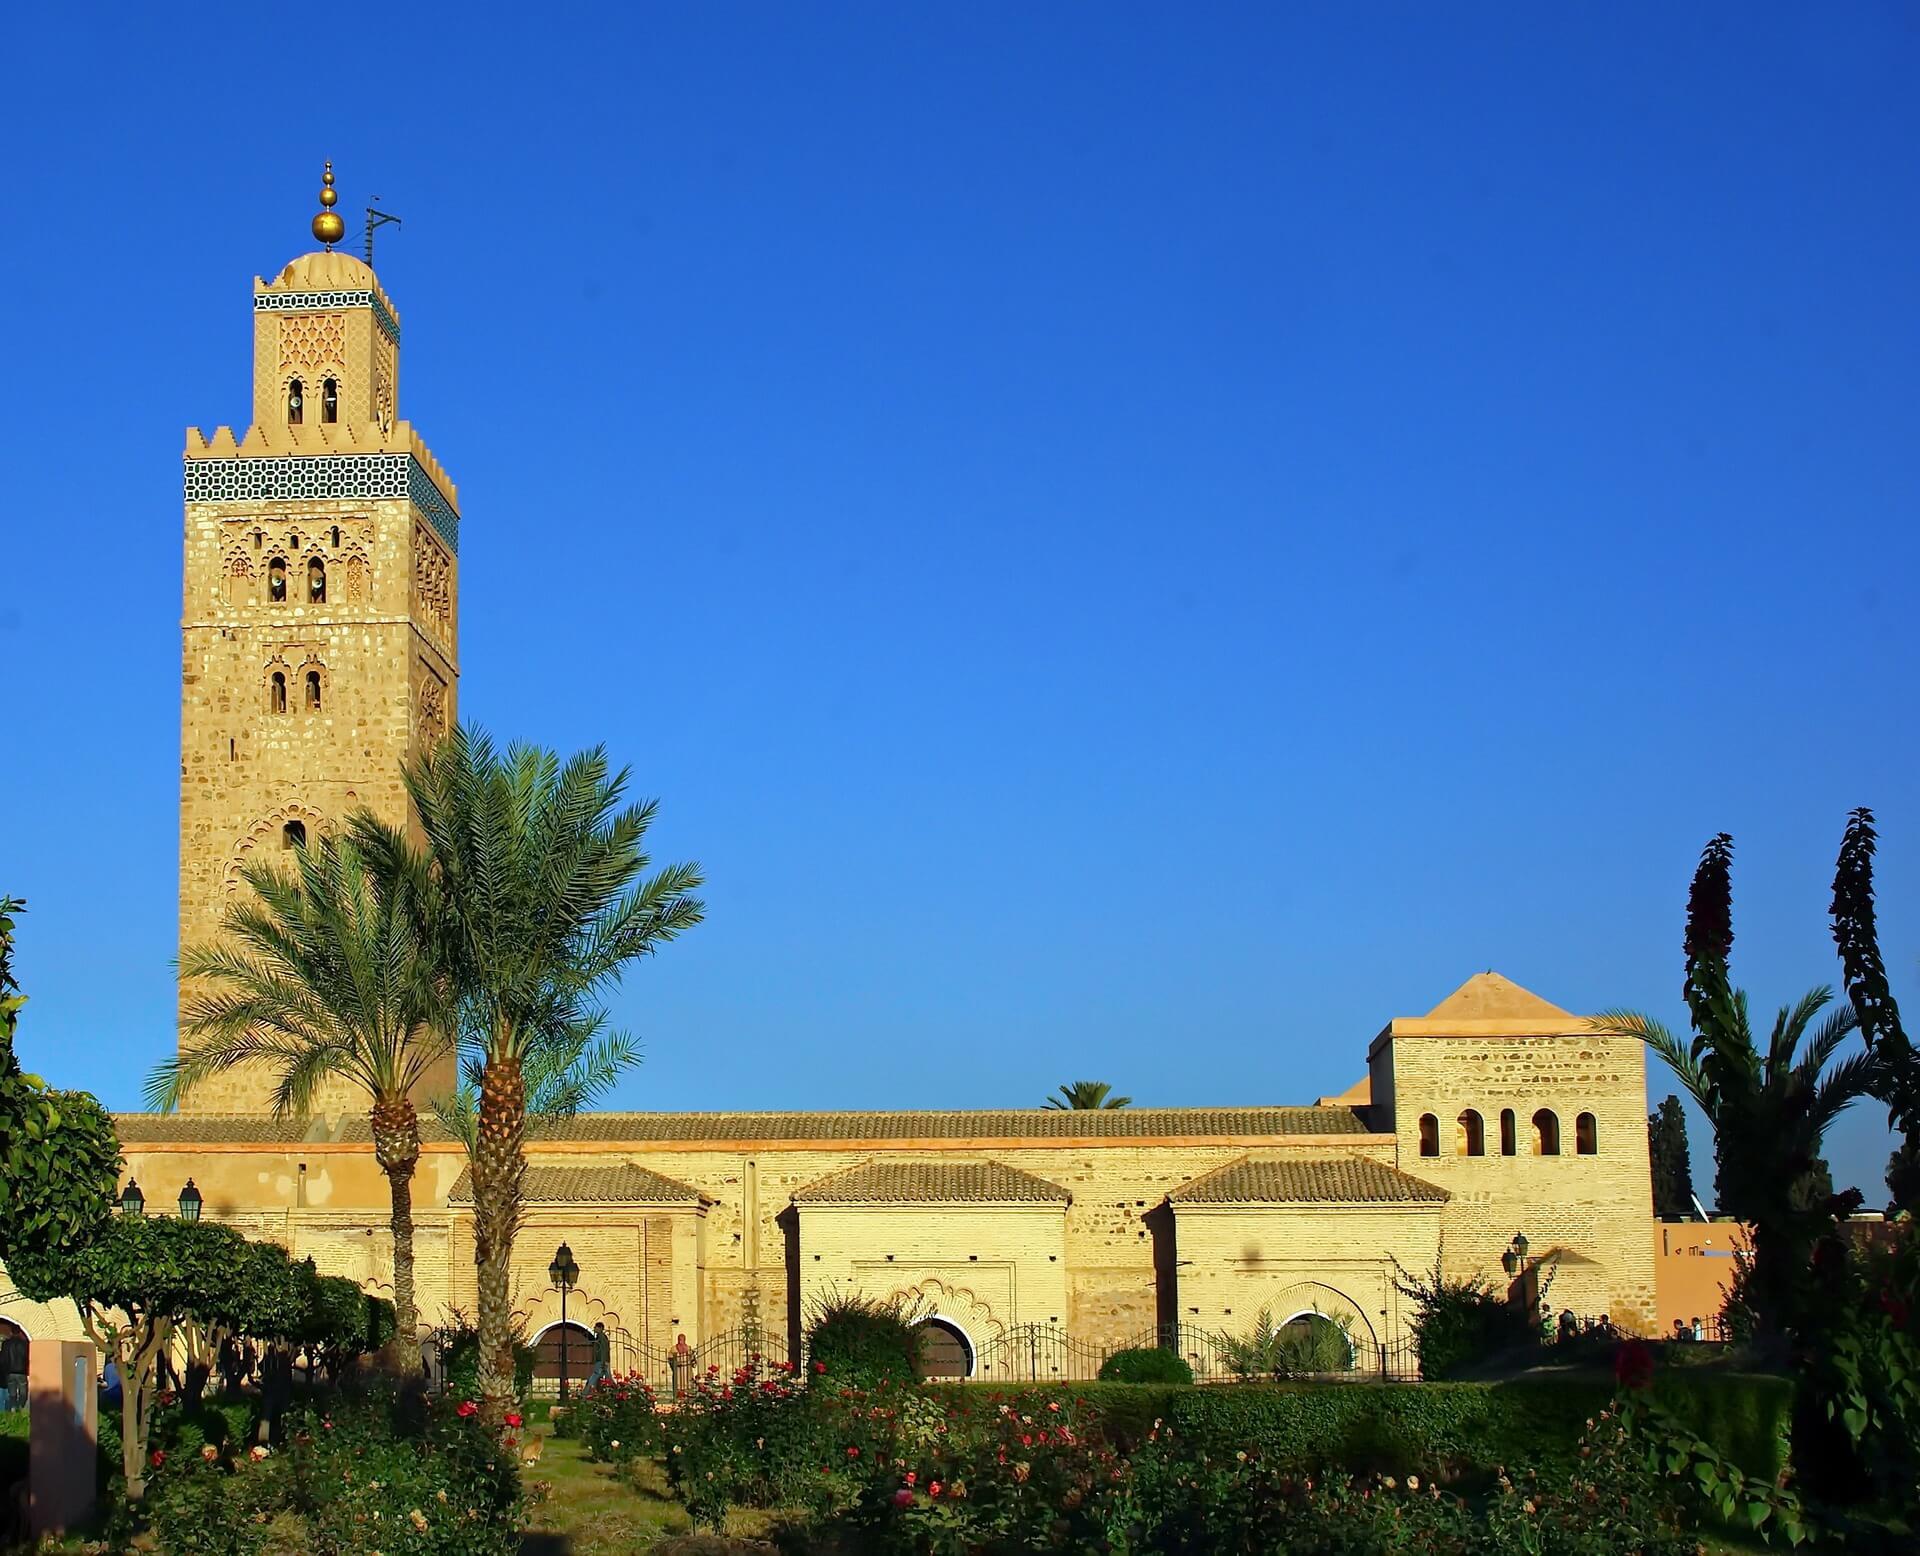 Direktflüge und Billigflüge ab Basel nach Marrakesch